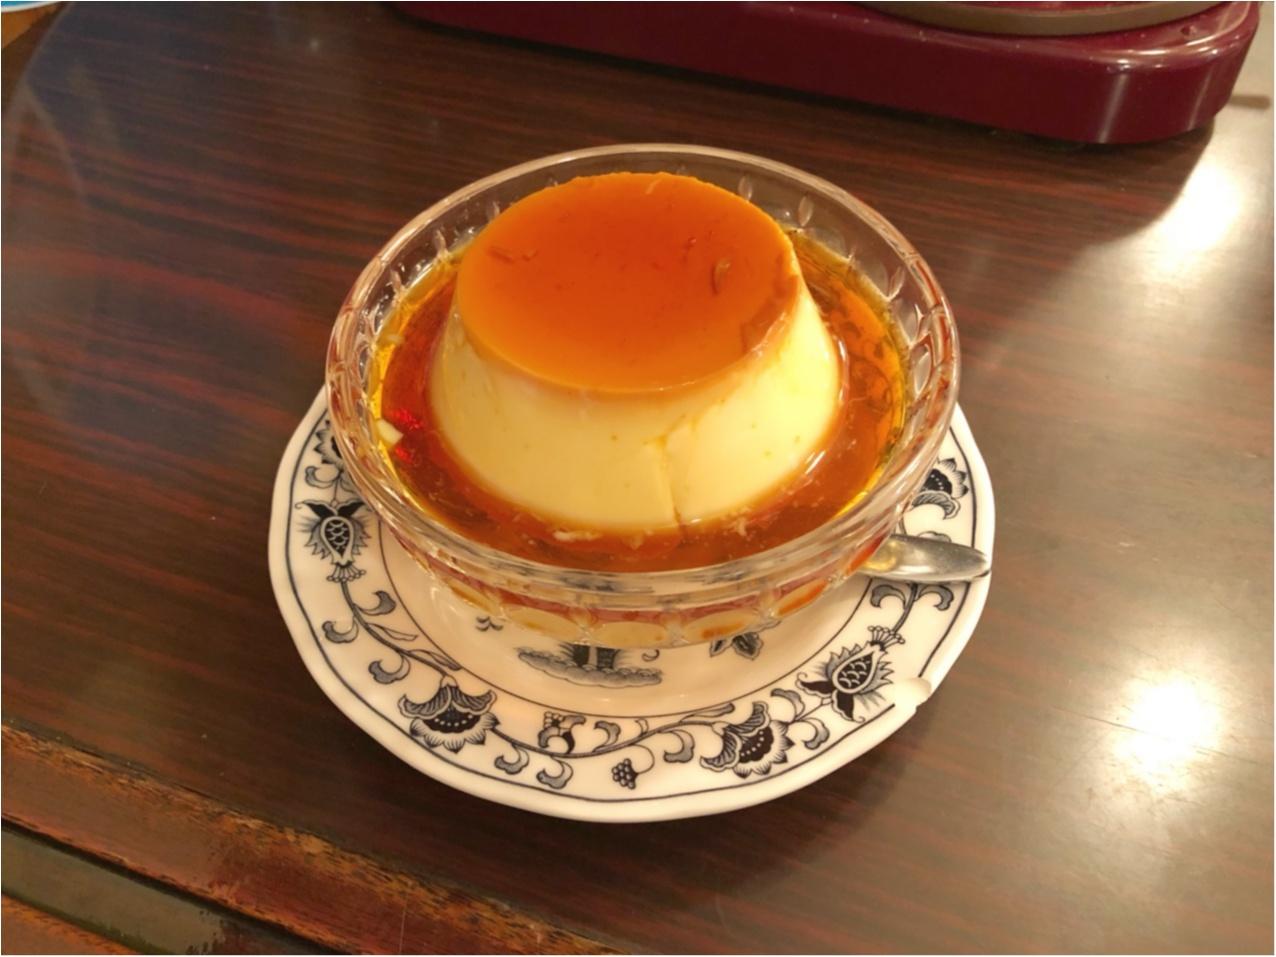 《 東京 》レトロな喫茶店『 ヘッケルン 』で頂く、昔ながらのビッグプリンが絶品♡♡_3